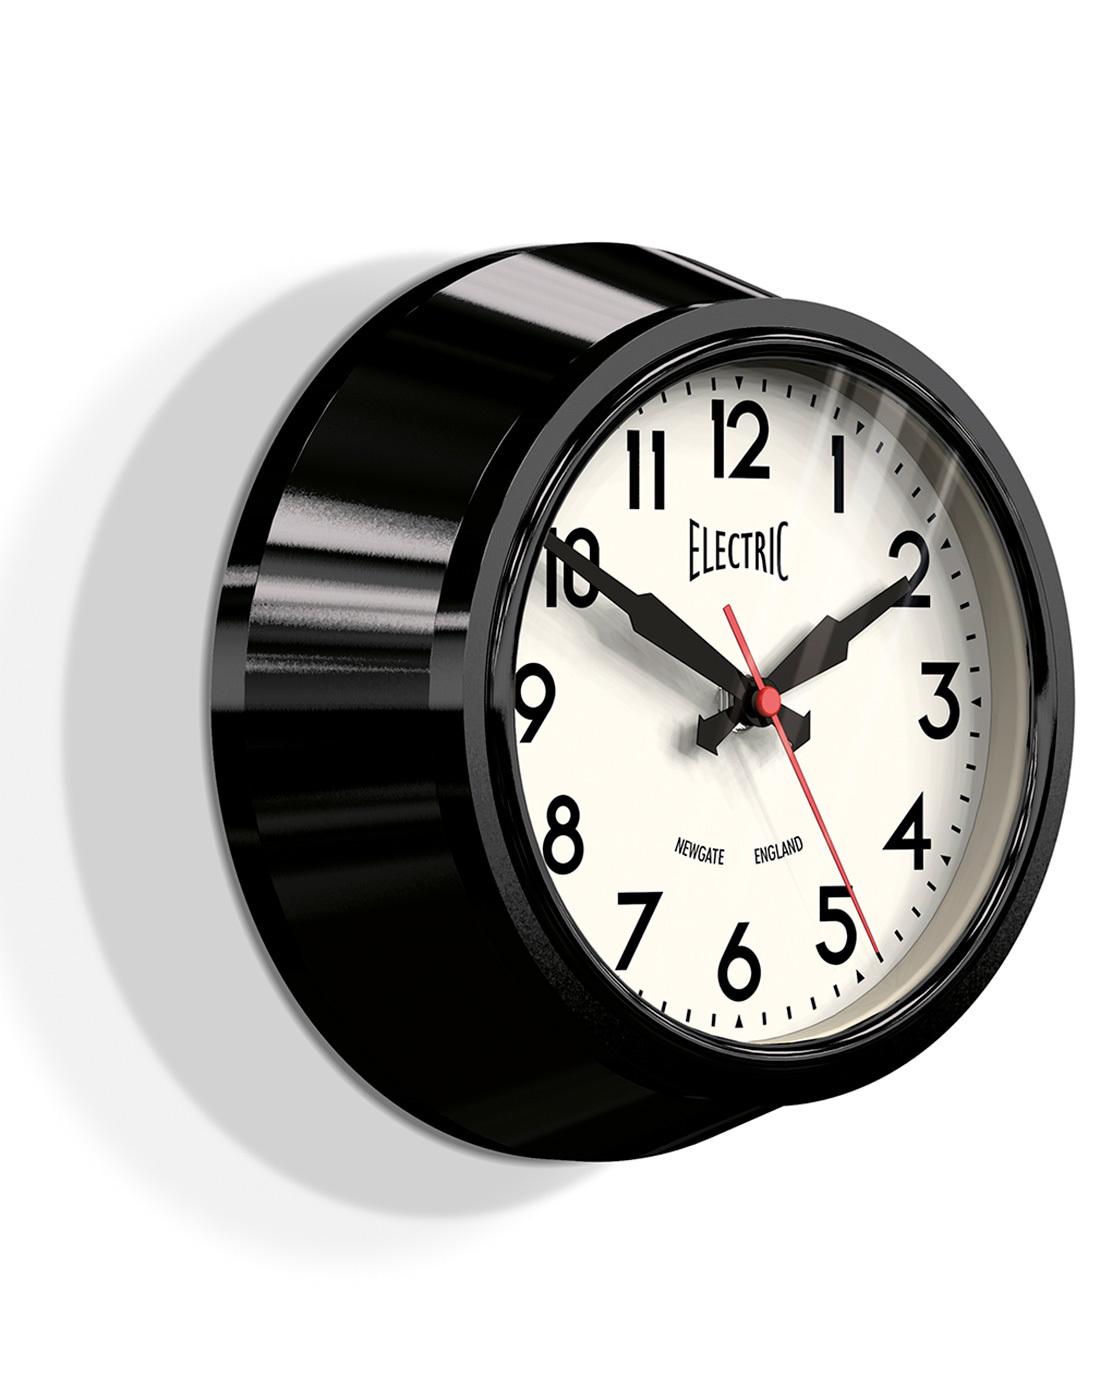 newgate electric retro 1960s small wall clock in black. Black Bedroom Furniture Sets. Home Design Ideas